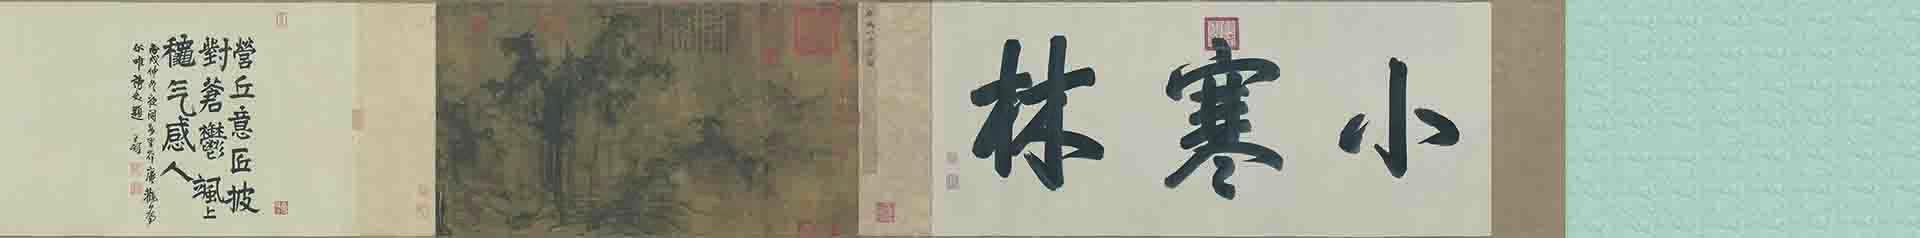 北宋 李成 小寒林图卷(全卷)绢本40.3x61.3